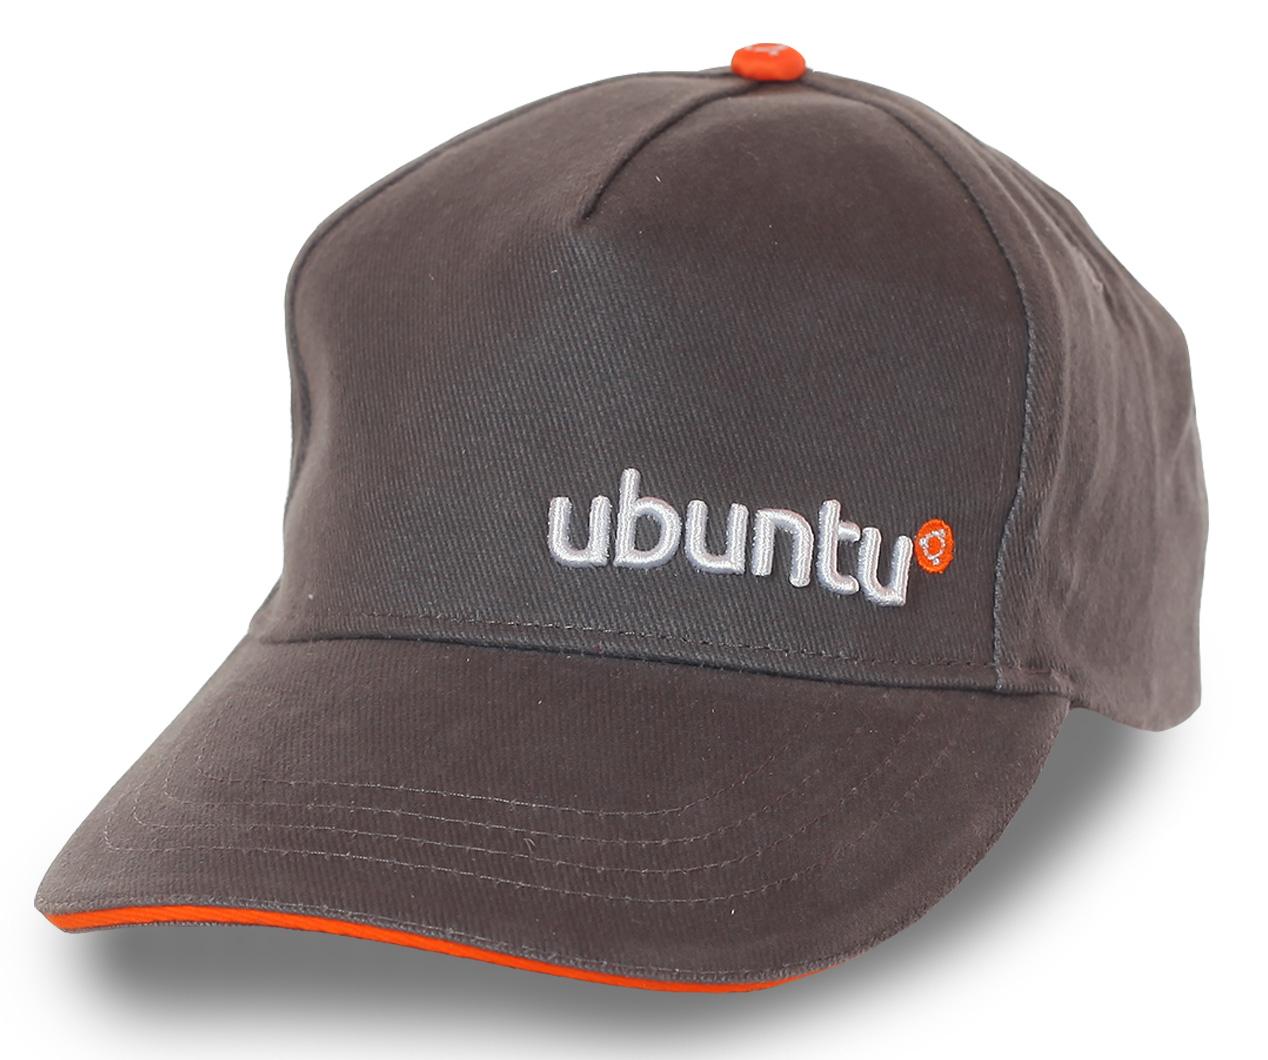 Стильная унисекс бейсболка Ubuntu. Модель для тех, кто оценил преимущества простой, но рабочей операционные системы. ОС могут быть бесплатными!